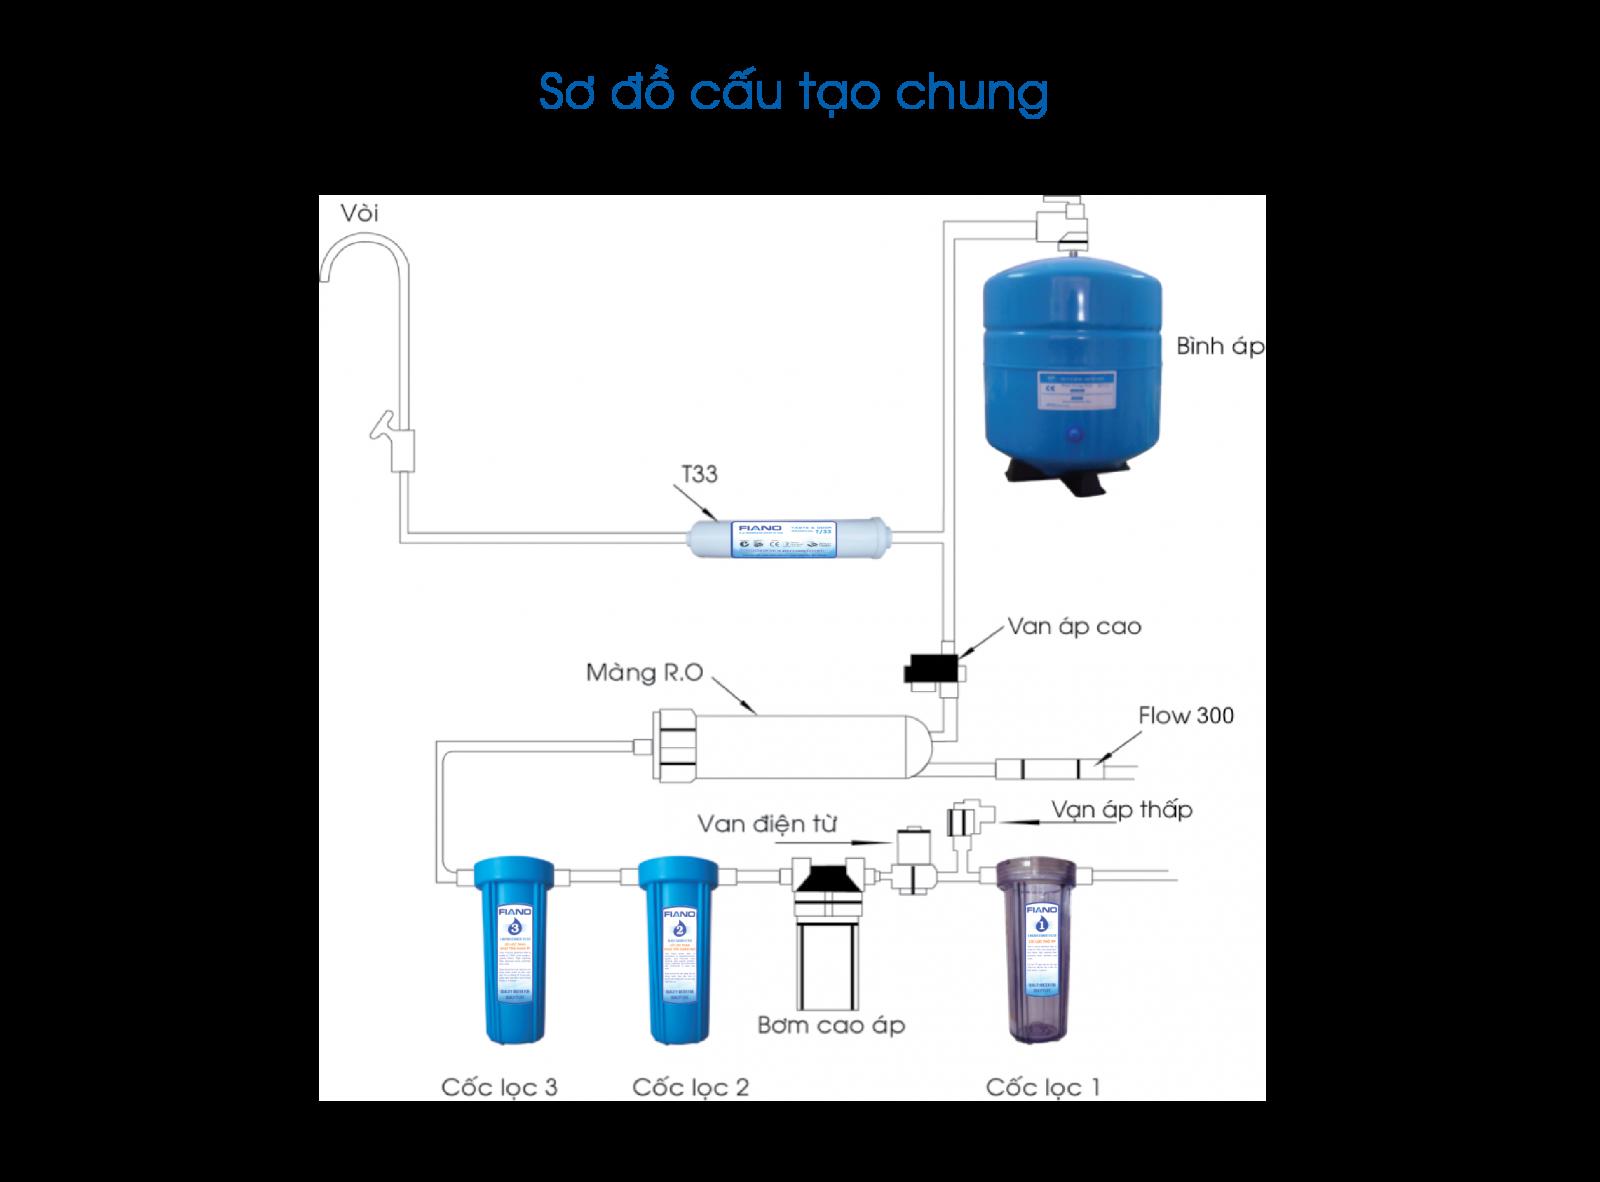 Cấu tạo của máy lọc nước